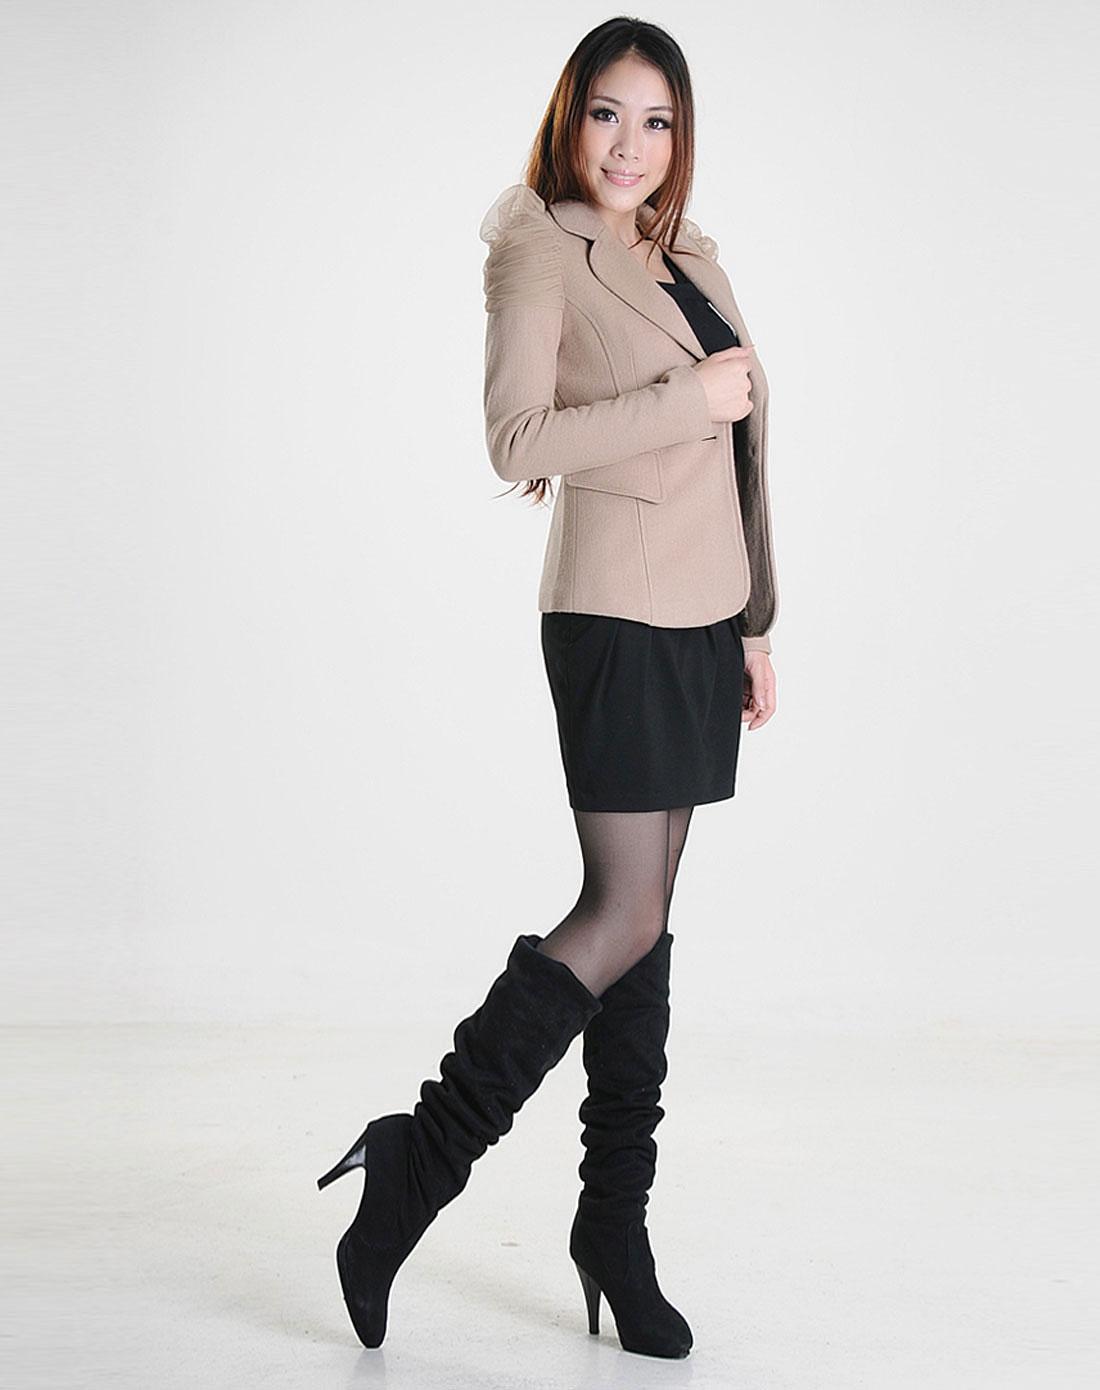 癹n��(nY_ny黑色时尚短裙113132711_唯品会